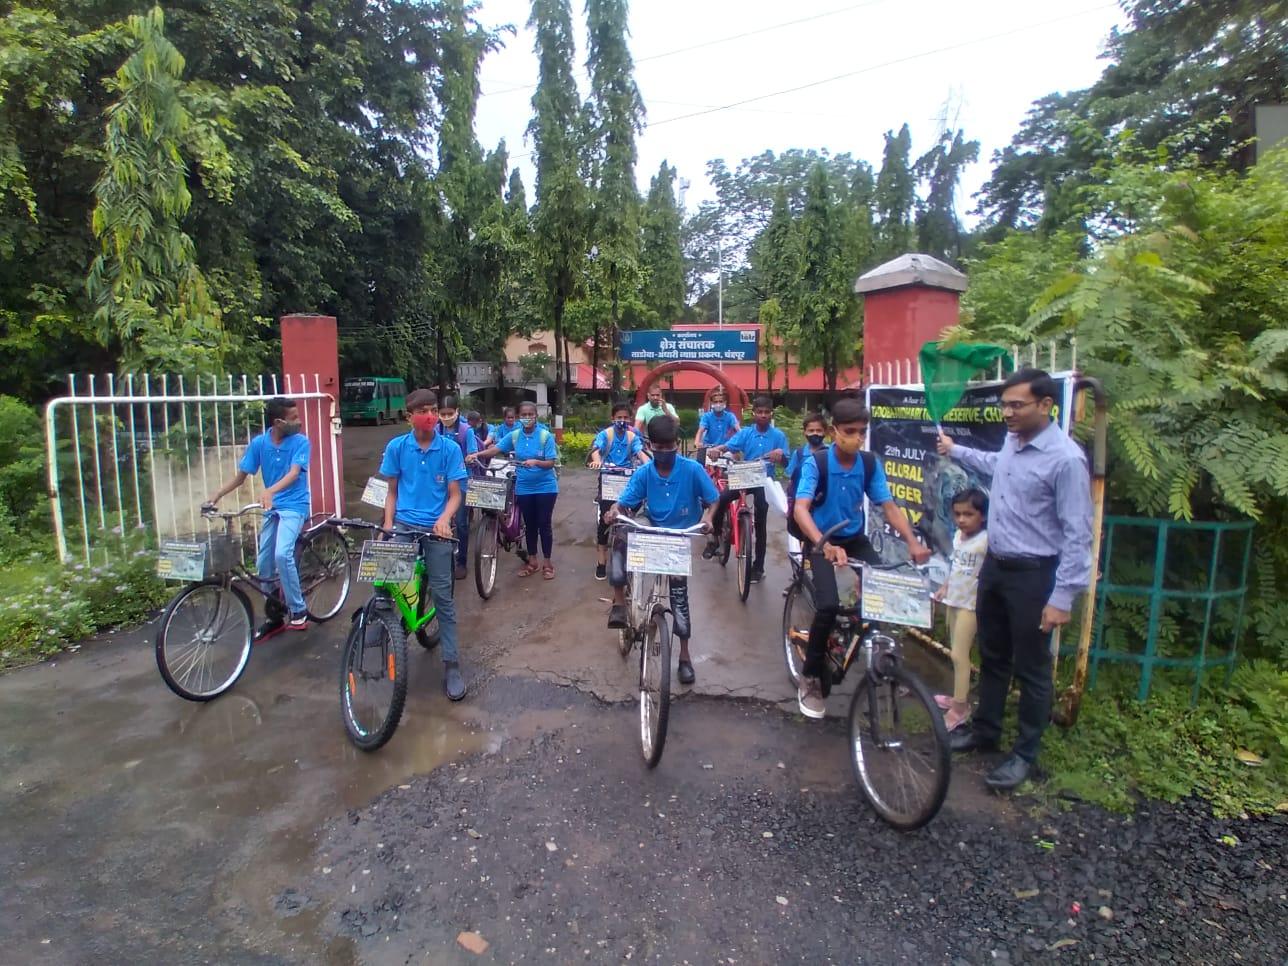 cycle-rally (1)